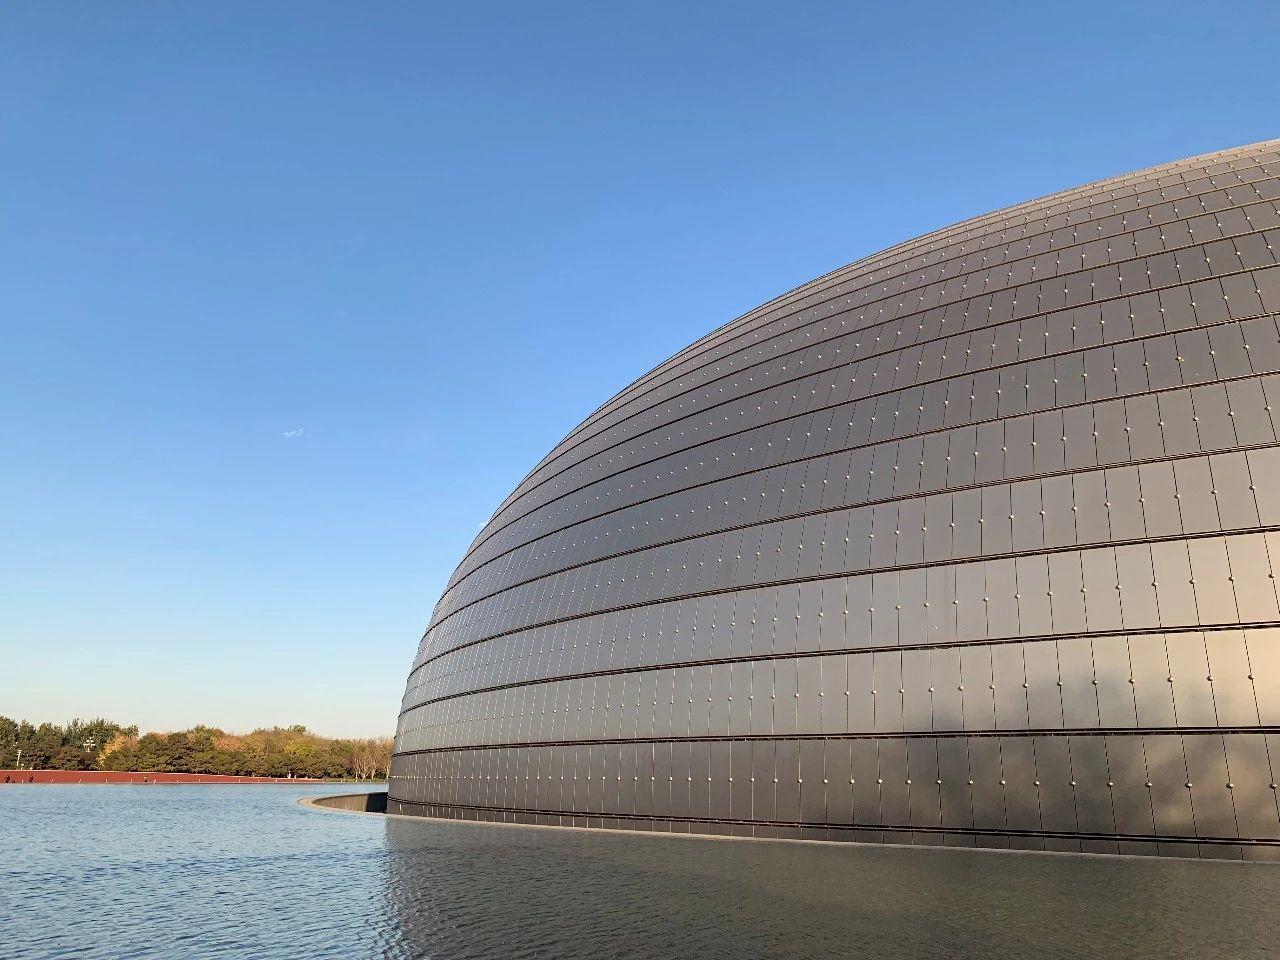 """640 228 - 分享丨""""不能错过的世界级交响乐团"""" 柏林爱乐乐团再次莅临国家大剧院登台"""